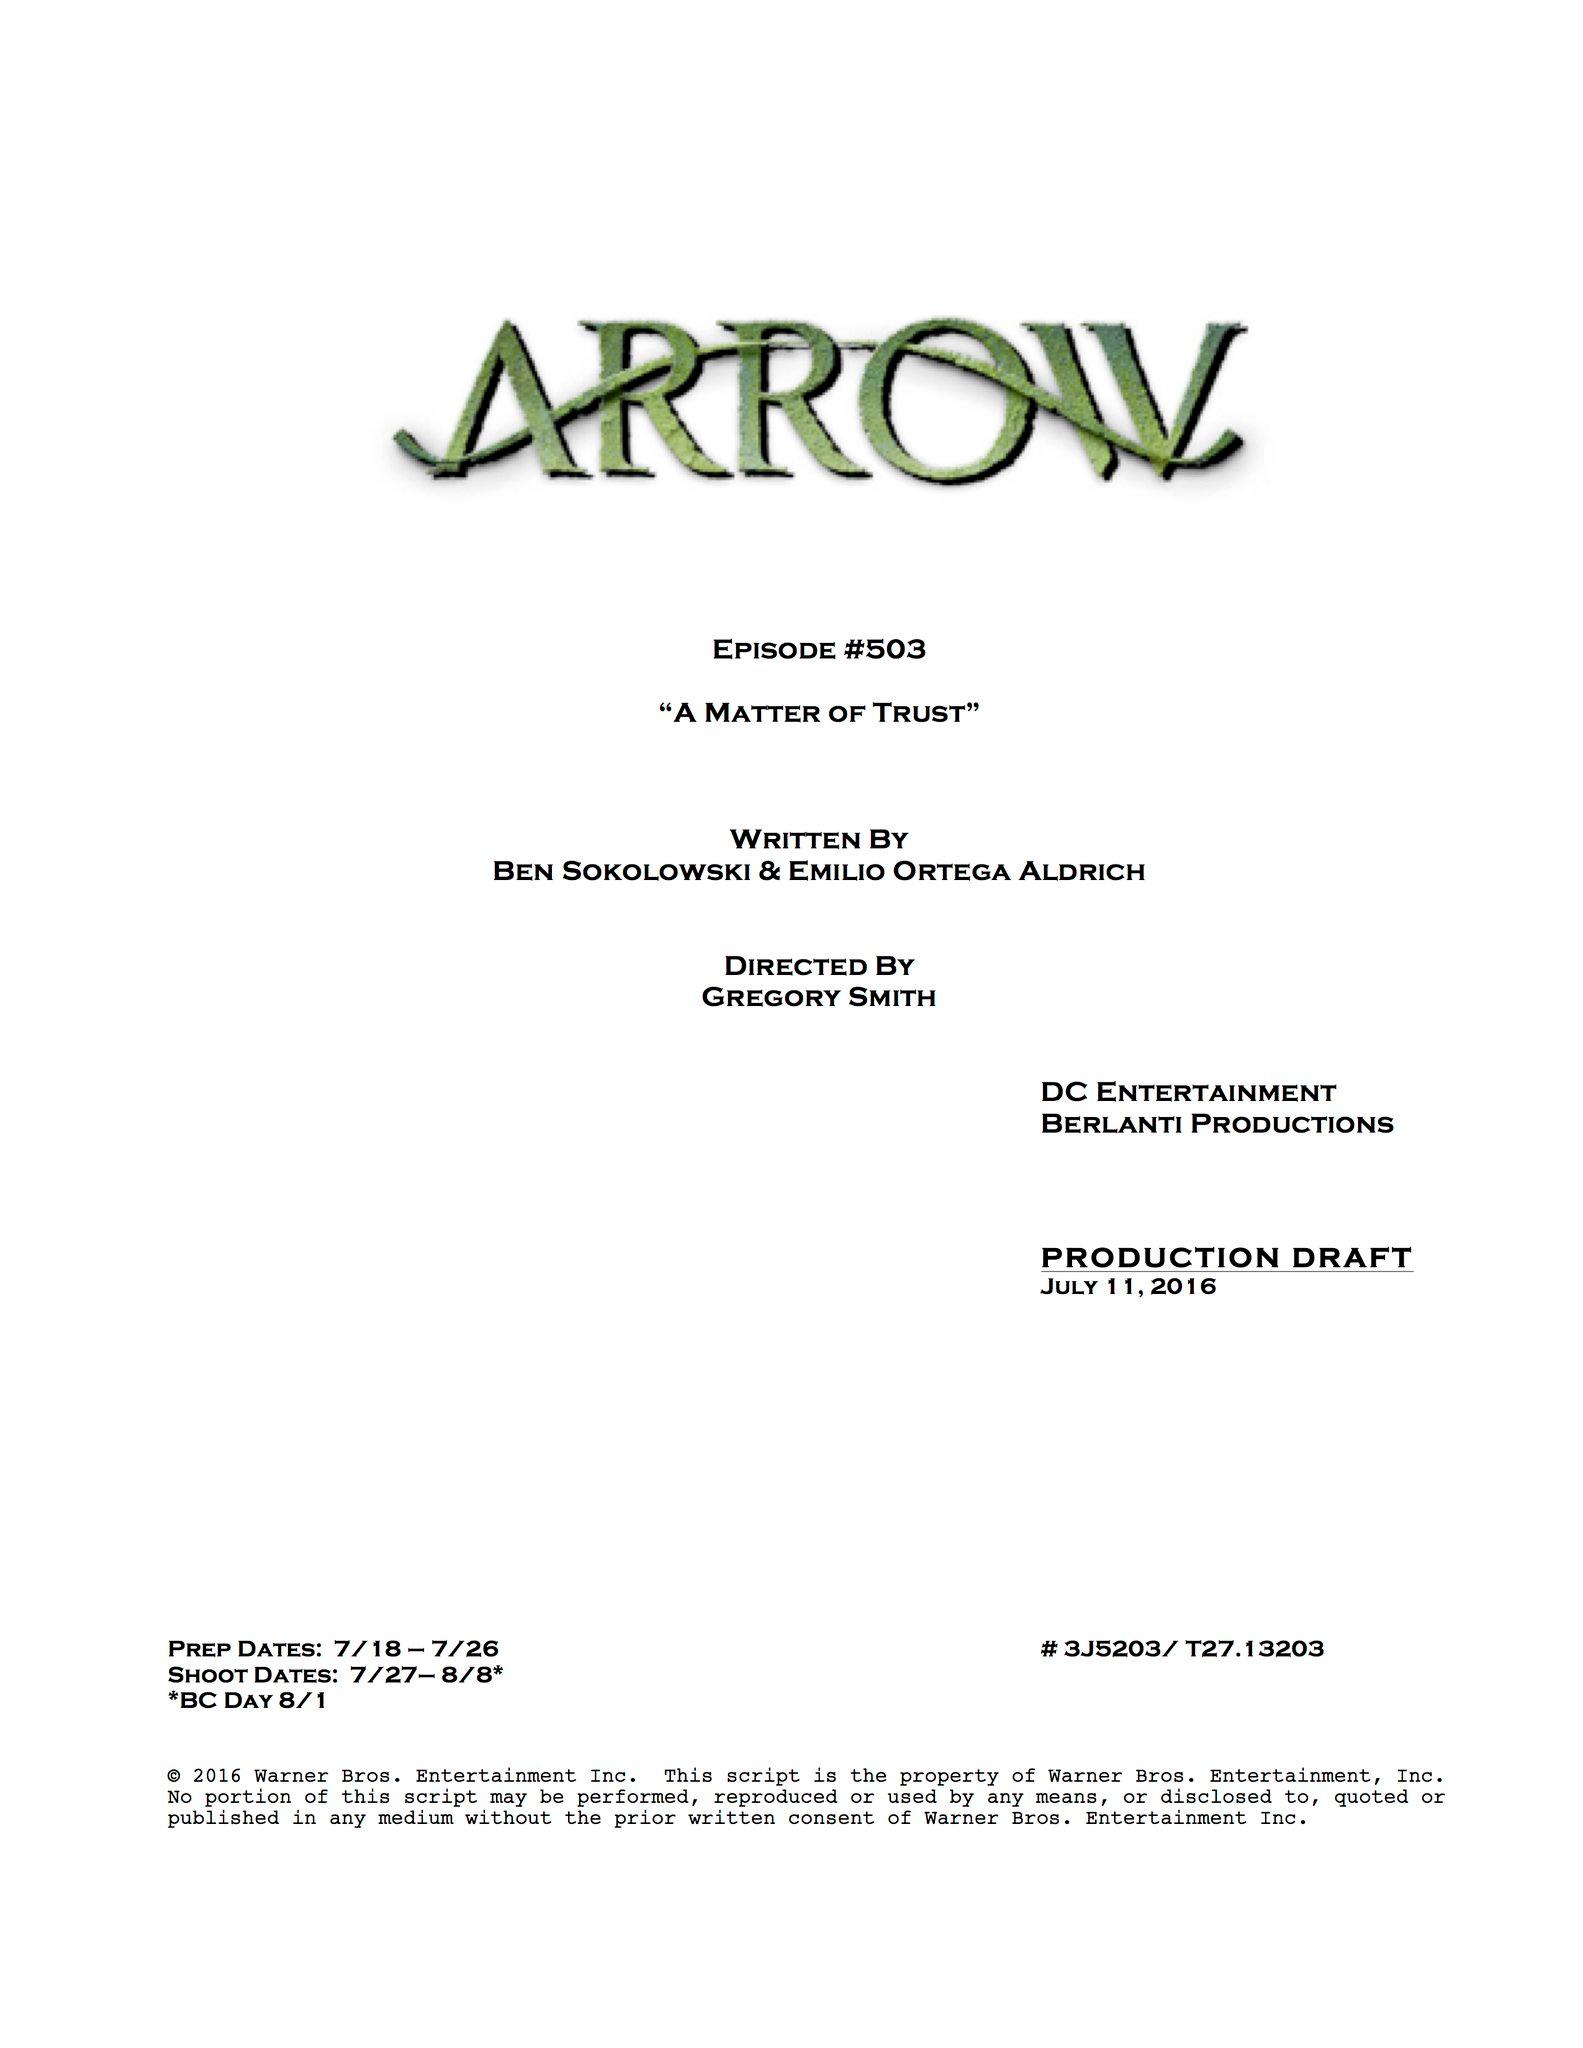 arrow script title page a matter of trustpng